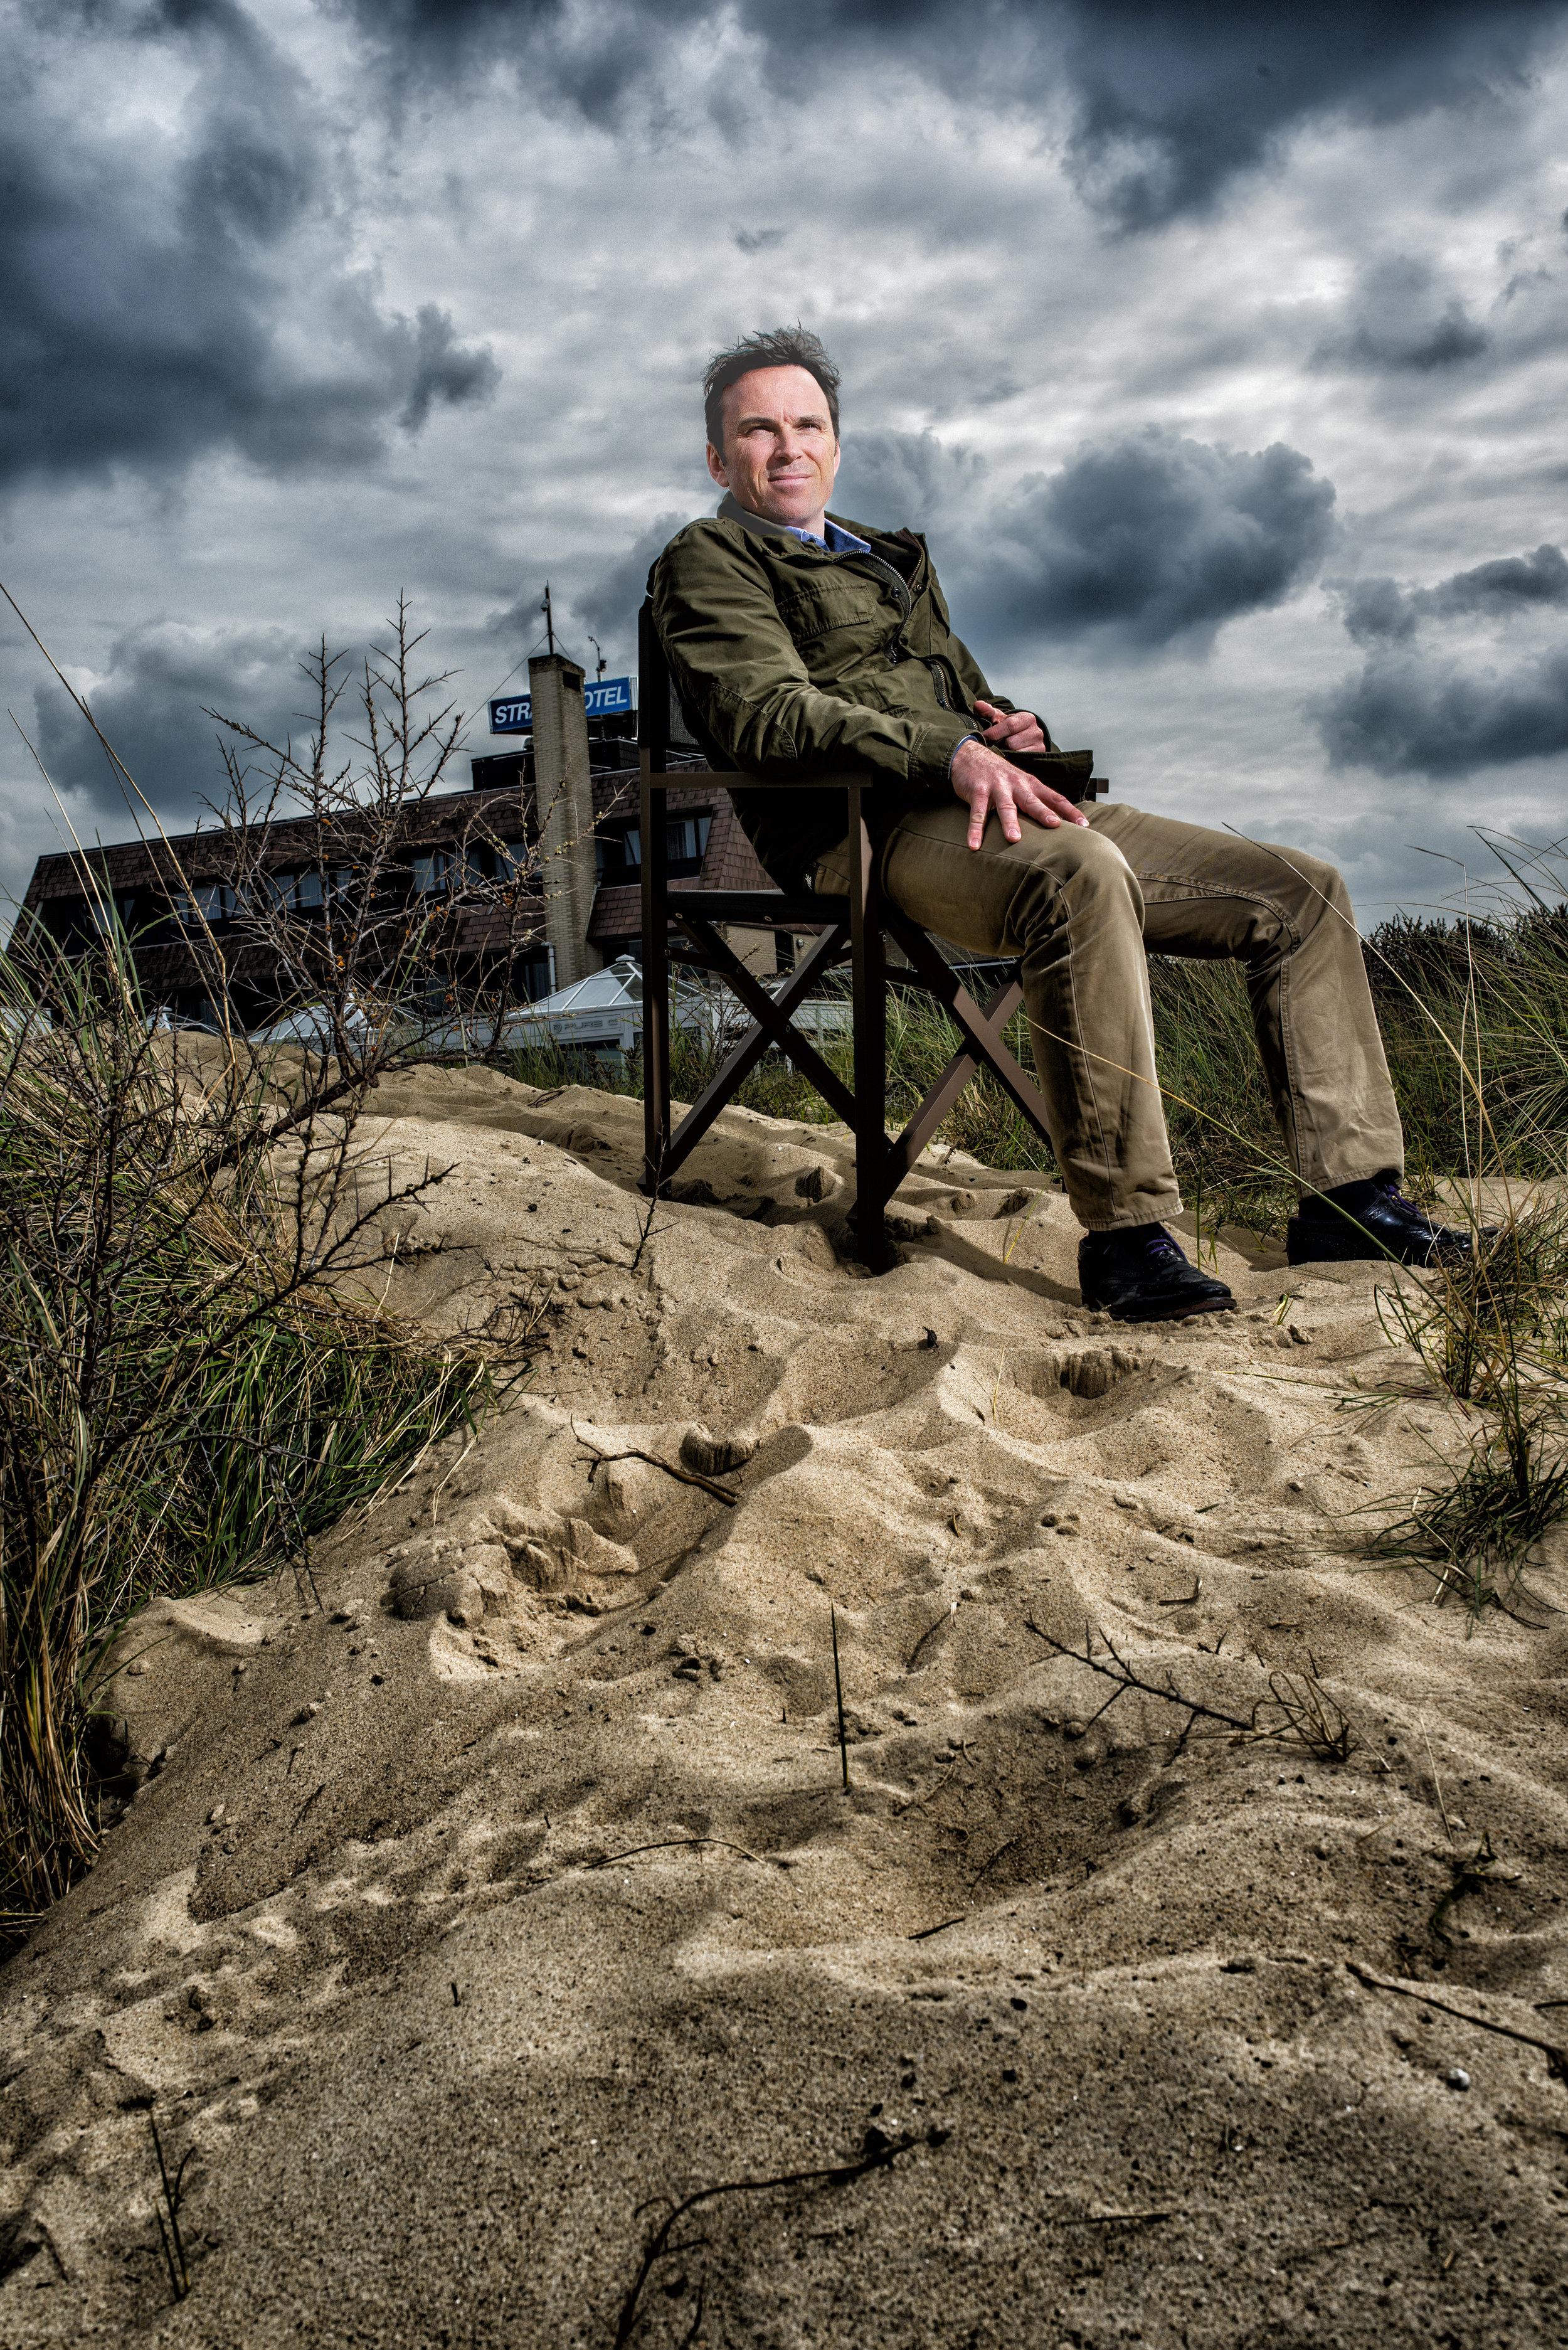 Beach hotelmanager in Cadzand Belgium for LXRY-magazine